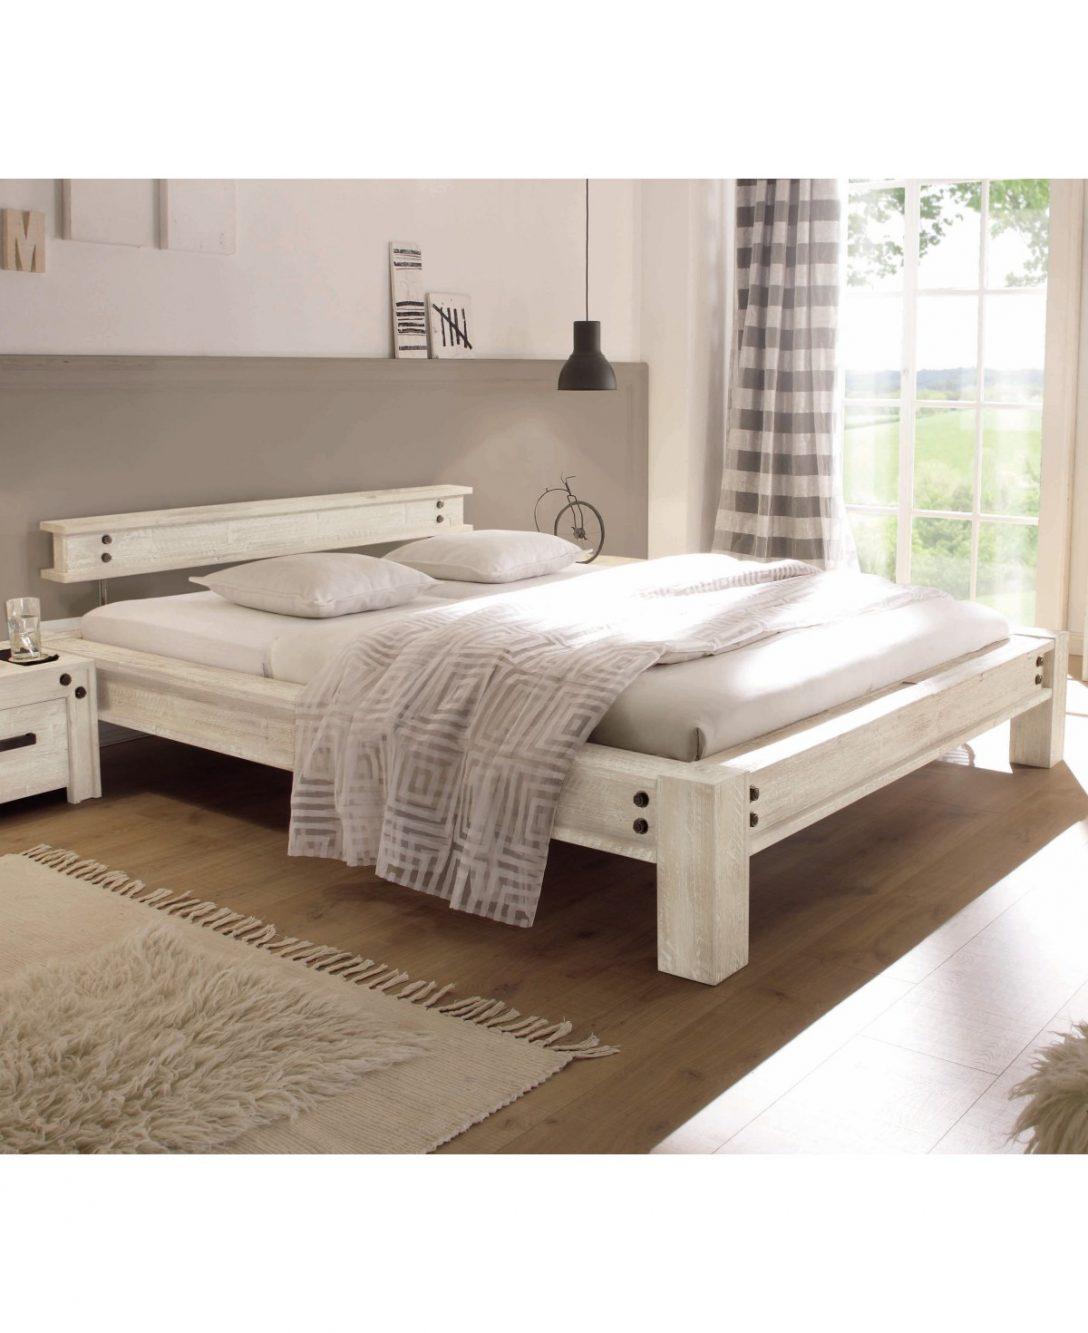 Large Size of Bett Vintage Hasena Factory Line Loft Stil San Luca Akazie White Betten 180x200 90x200 Weiß 1 40x2 00 Test Himmel Günstiges Mit Stauraum 140x200 De Matratze Bett Bett Vintage